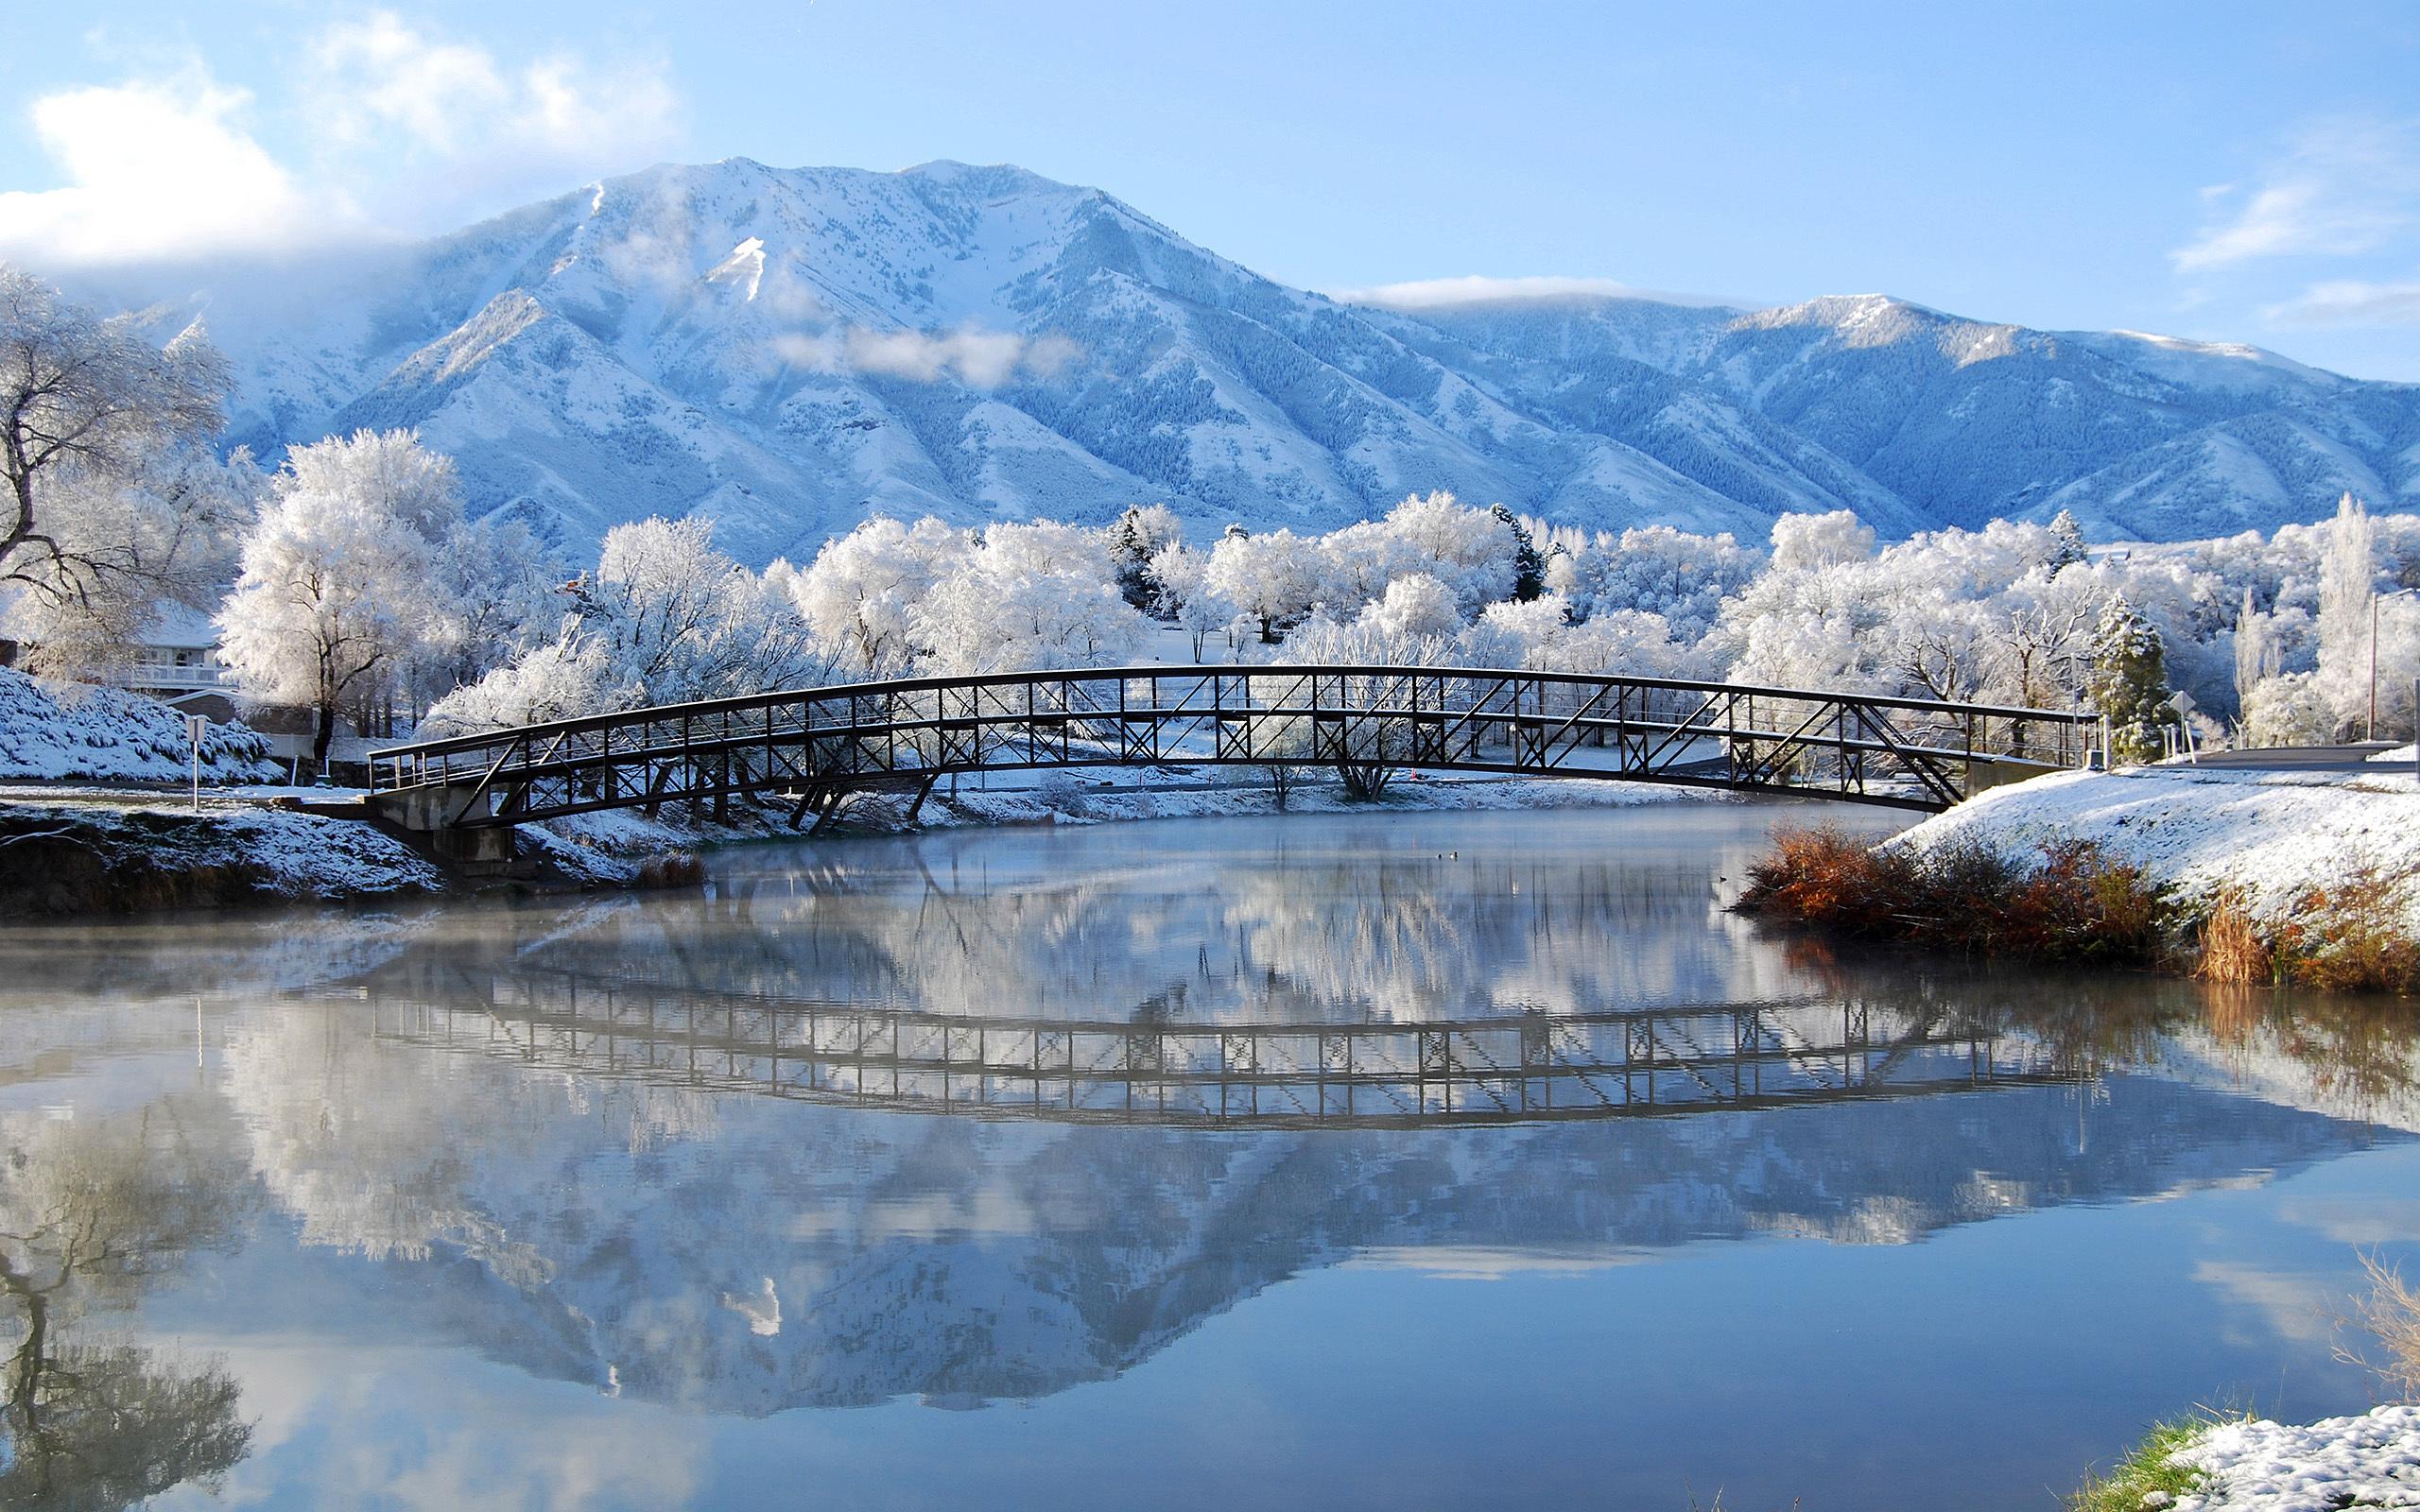 обои для рабочего стола пейзаж зимы № 618358 бесплатно